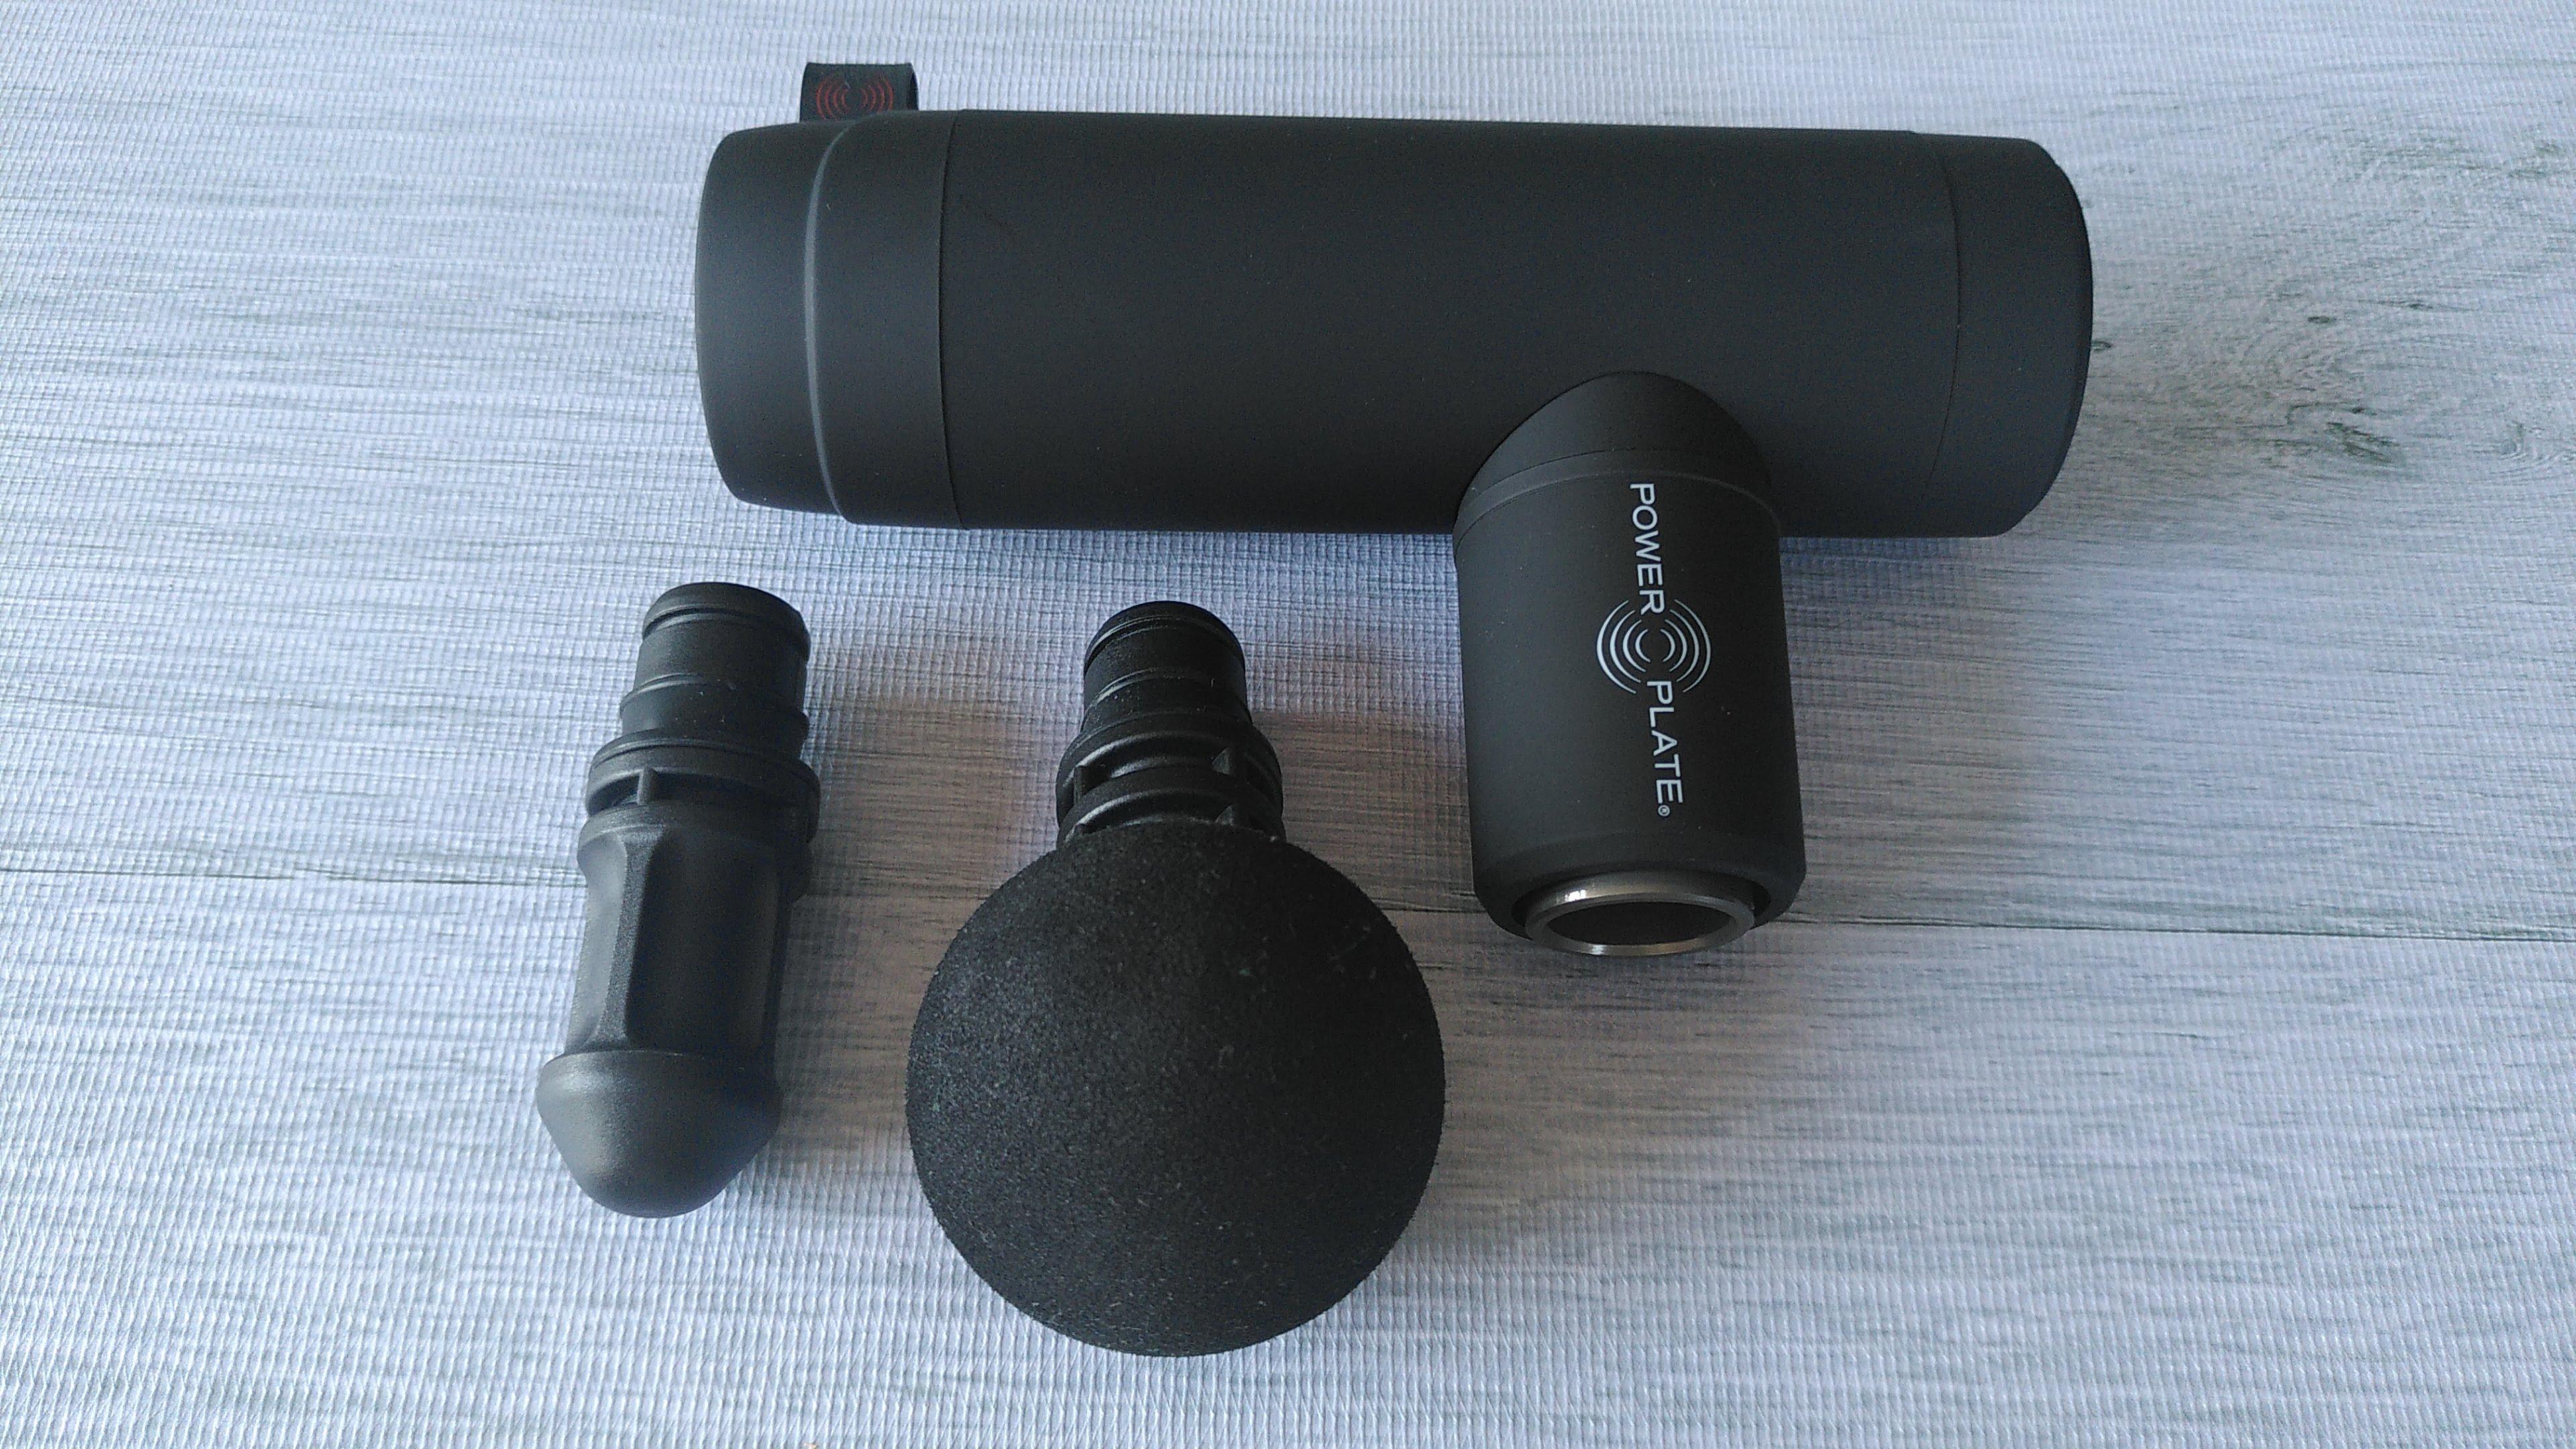 Power Plate Mini+ massage gun with attachments